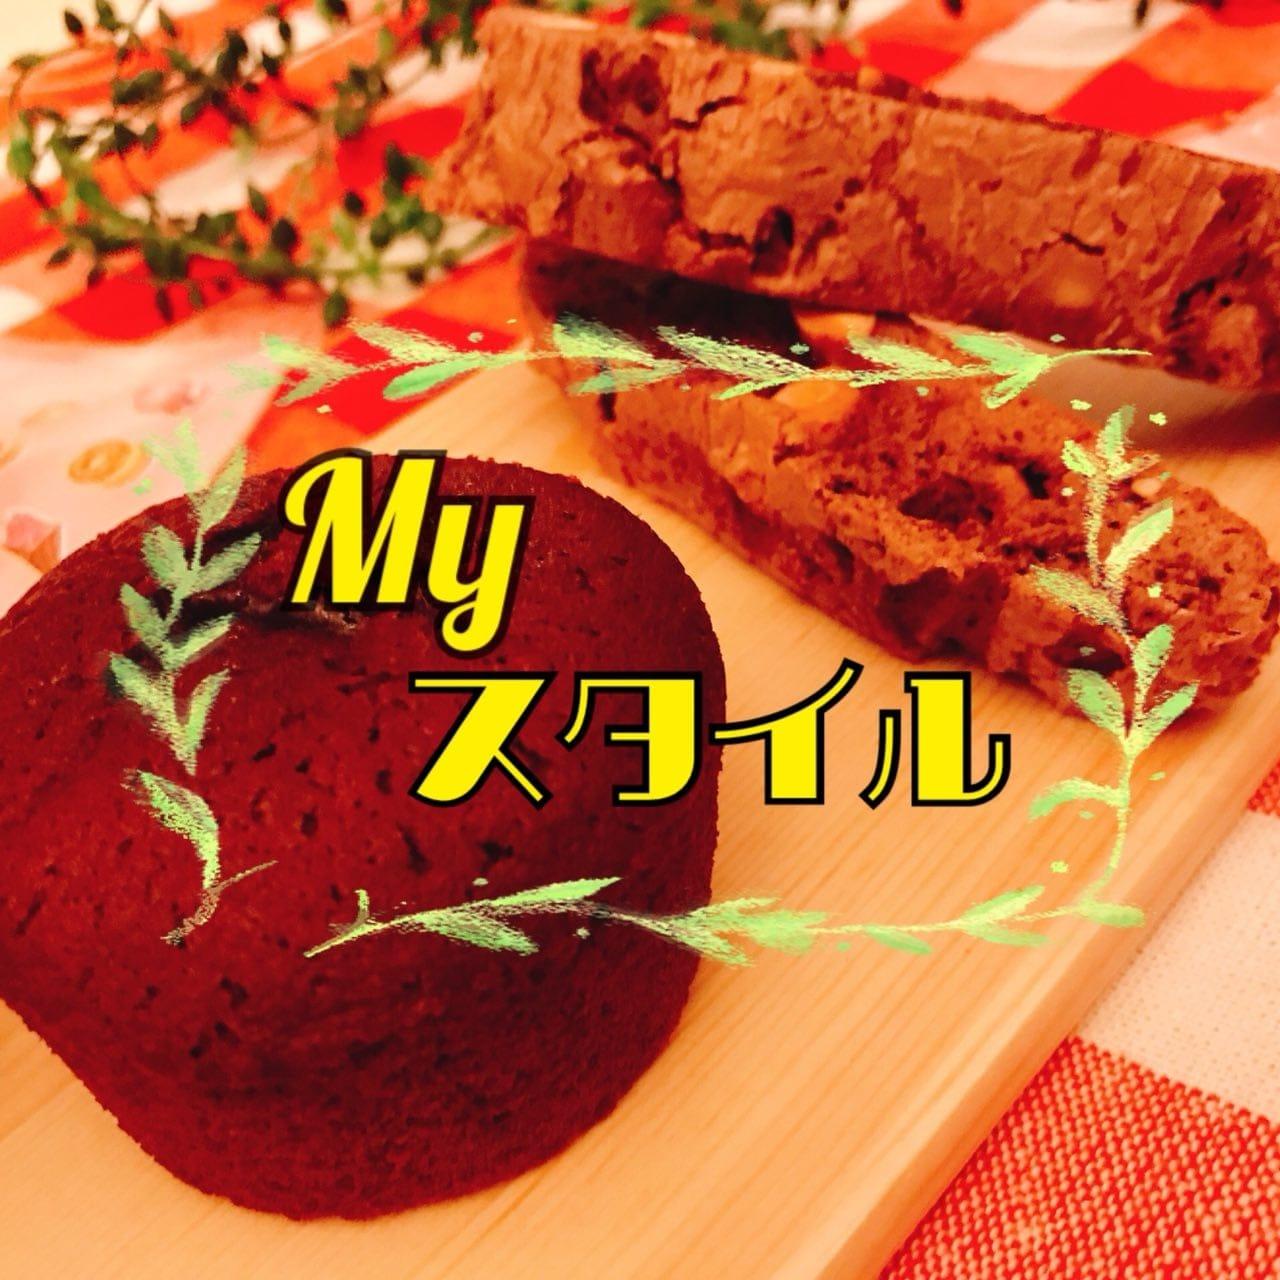 6月〜Myスタイル〜お料理会【店頭払い】のイメージその1